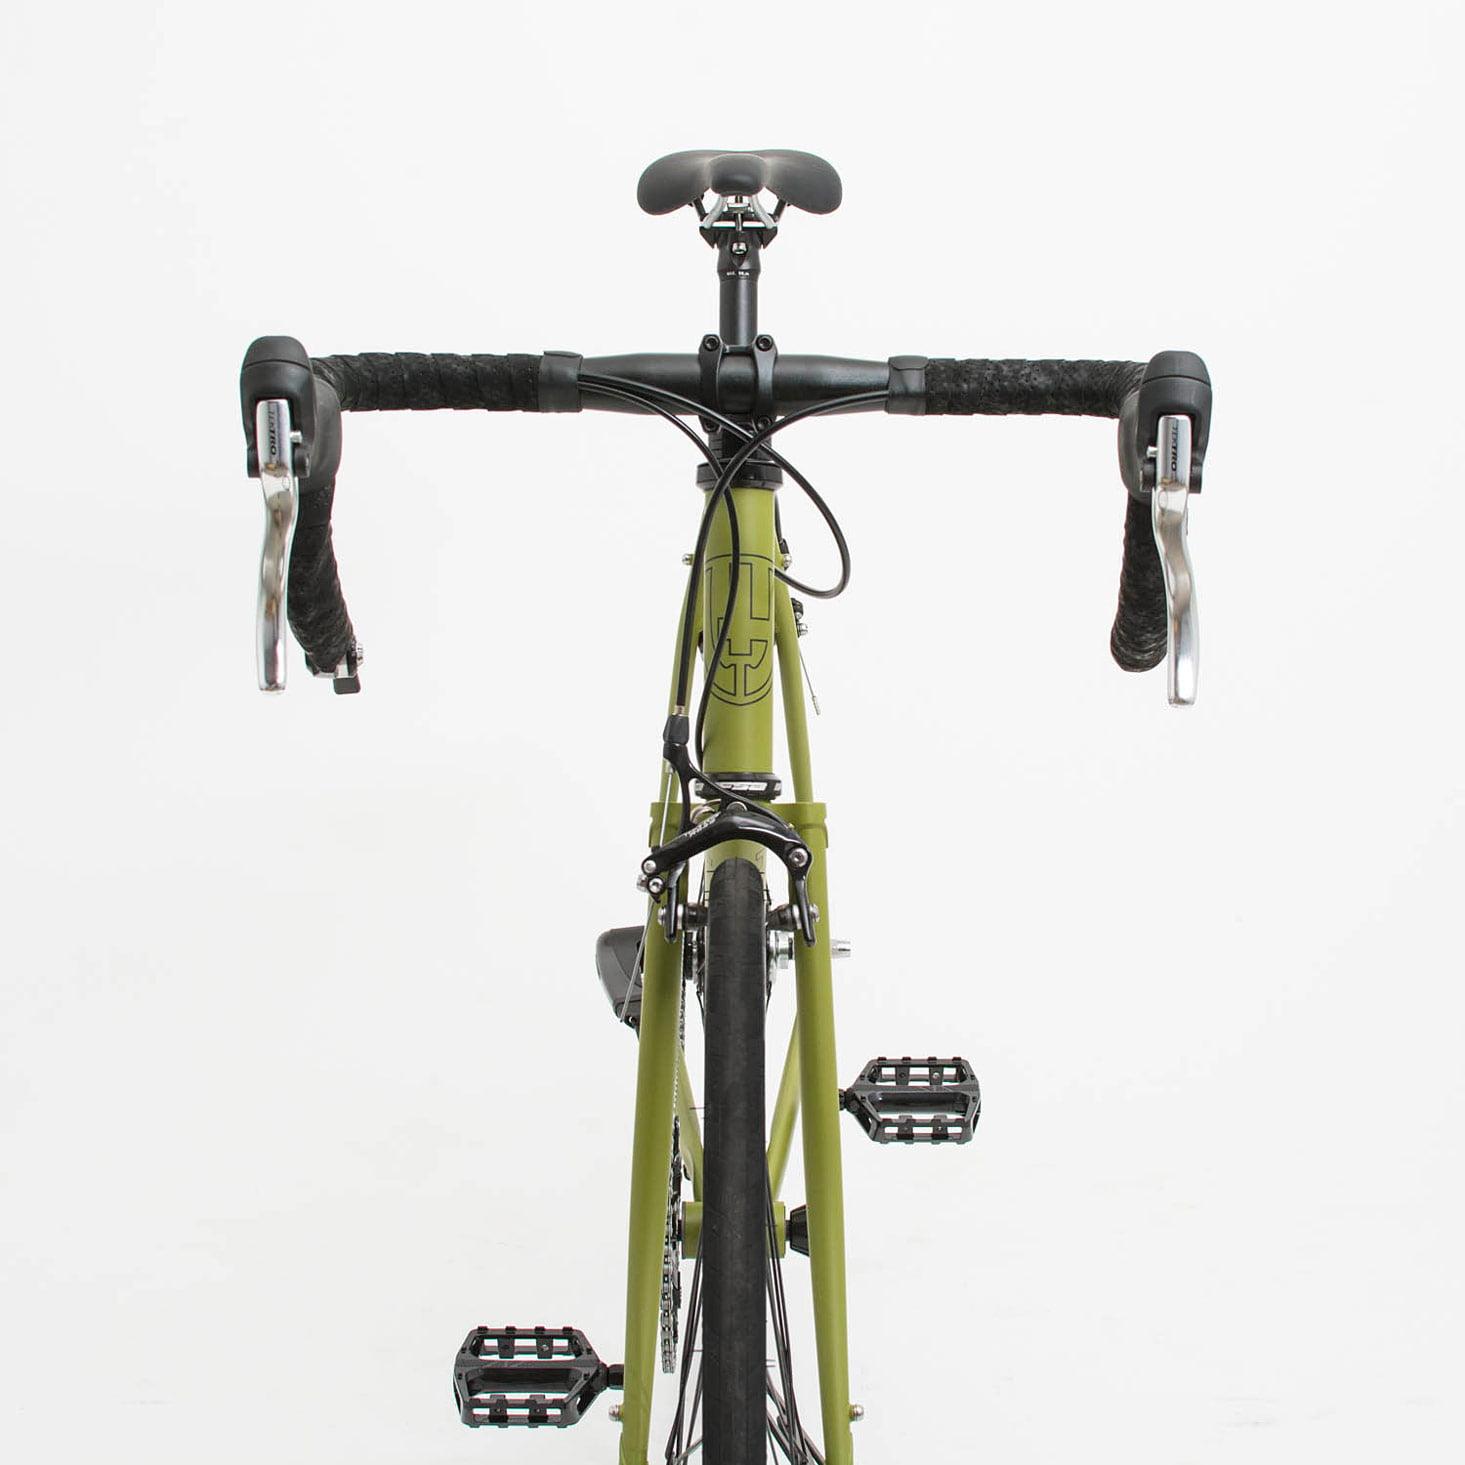 Landyachtz_Spitfire_Olive_Single_Speed_Bikes_7_DSC4874-1